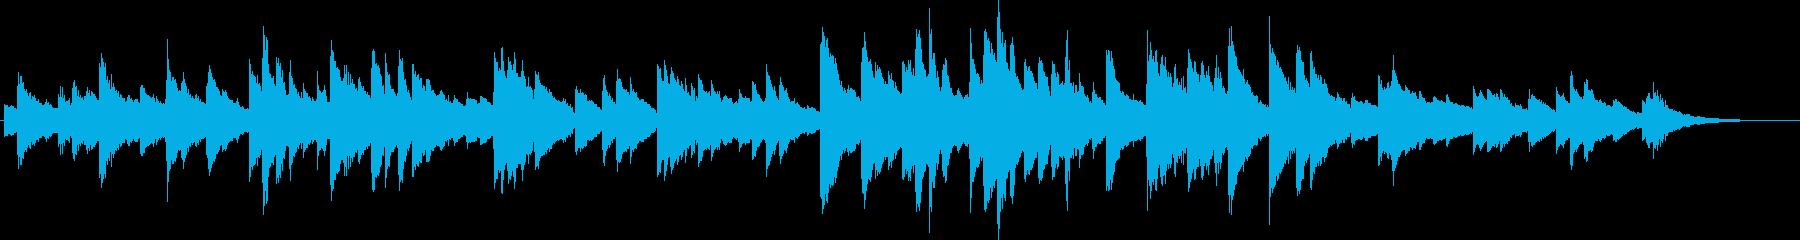 ピアノソロ/湖/泳ぐ/静けさの再生済みの波形